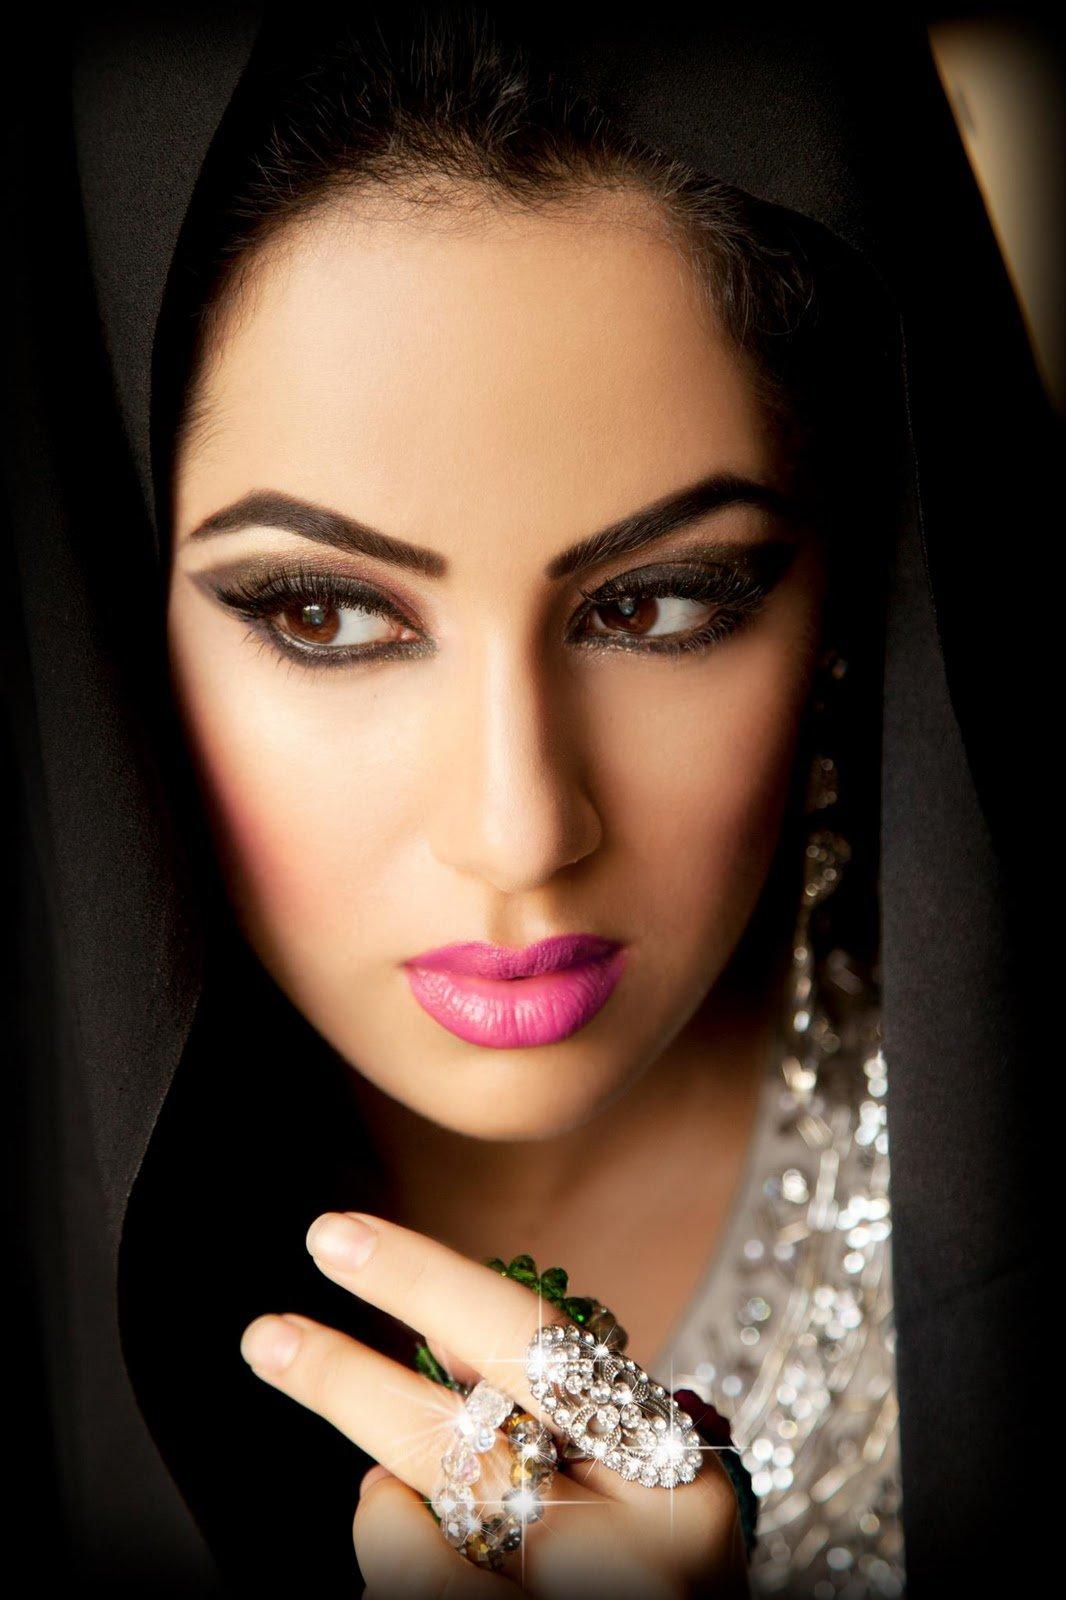 Арабски девушки макияж